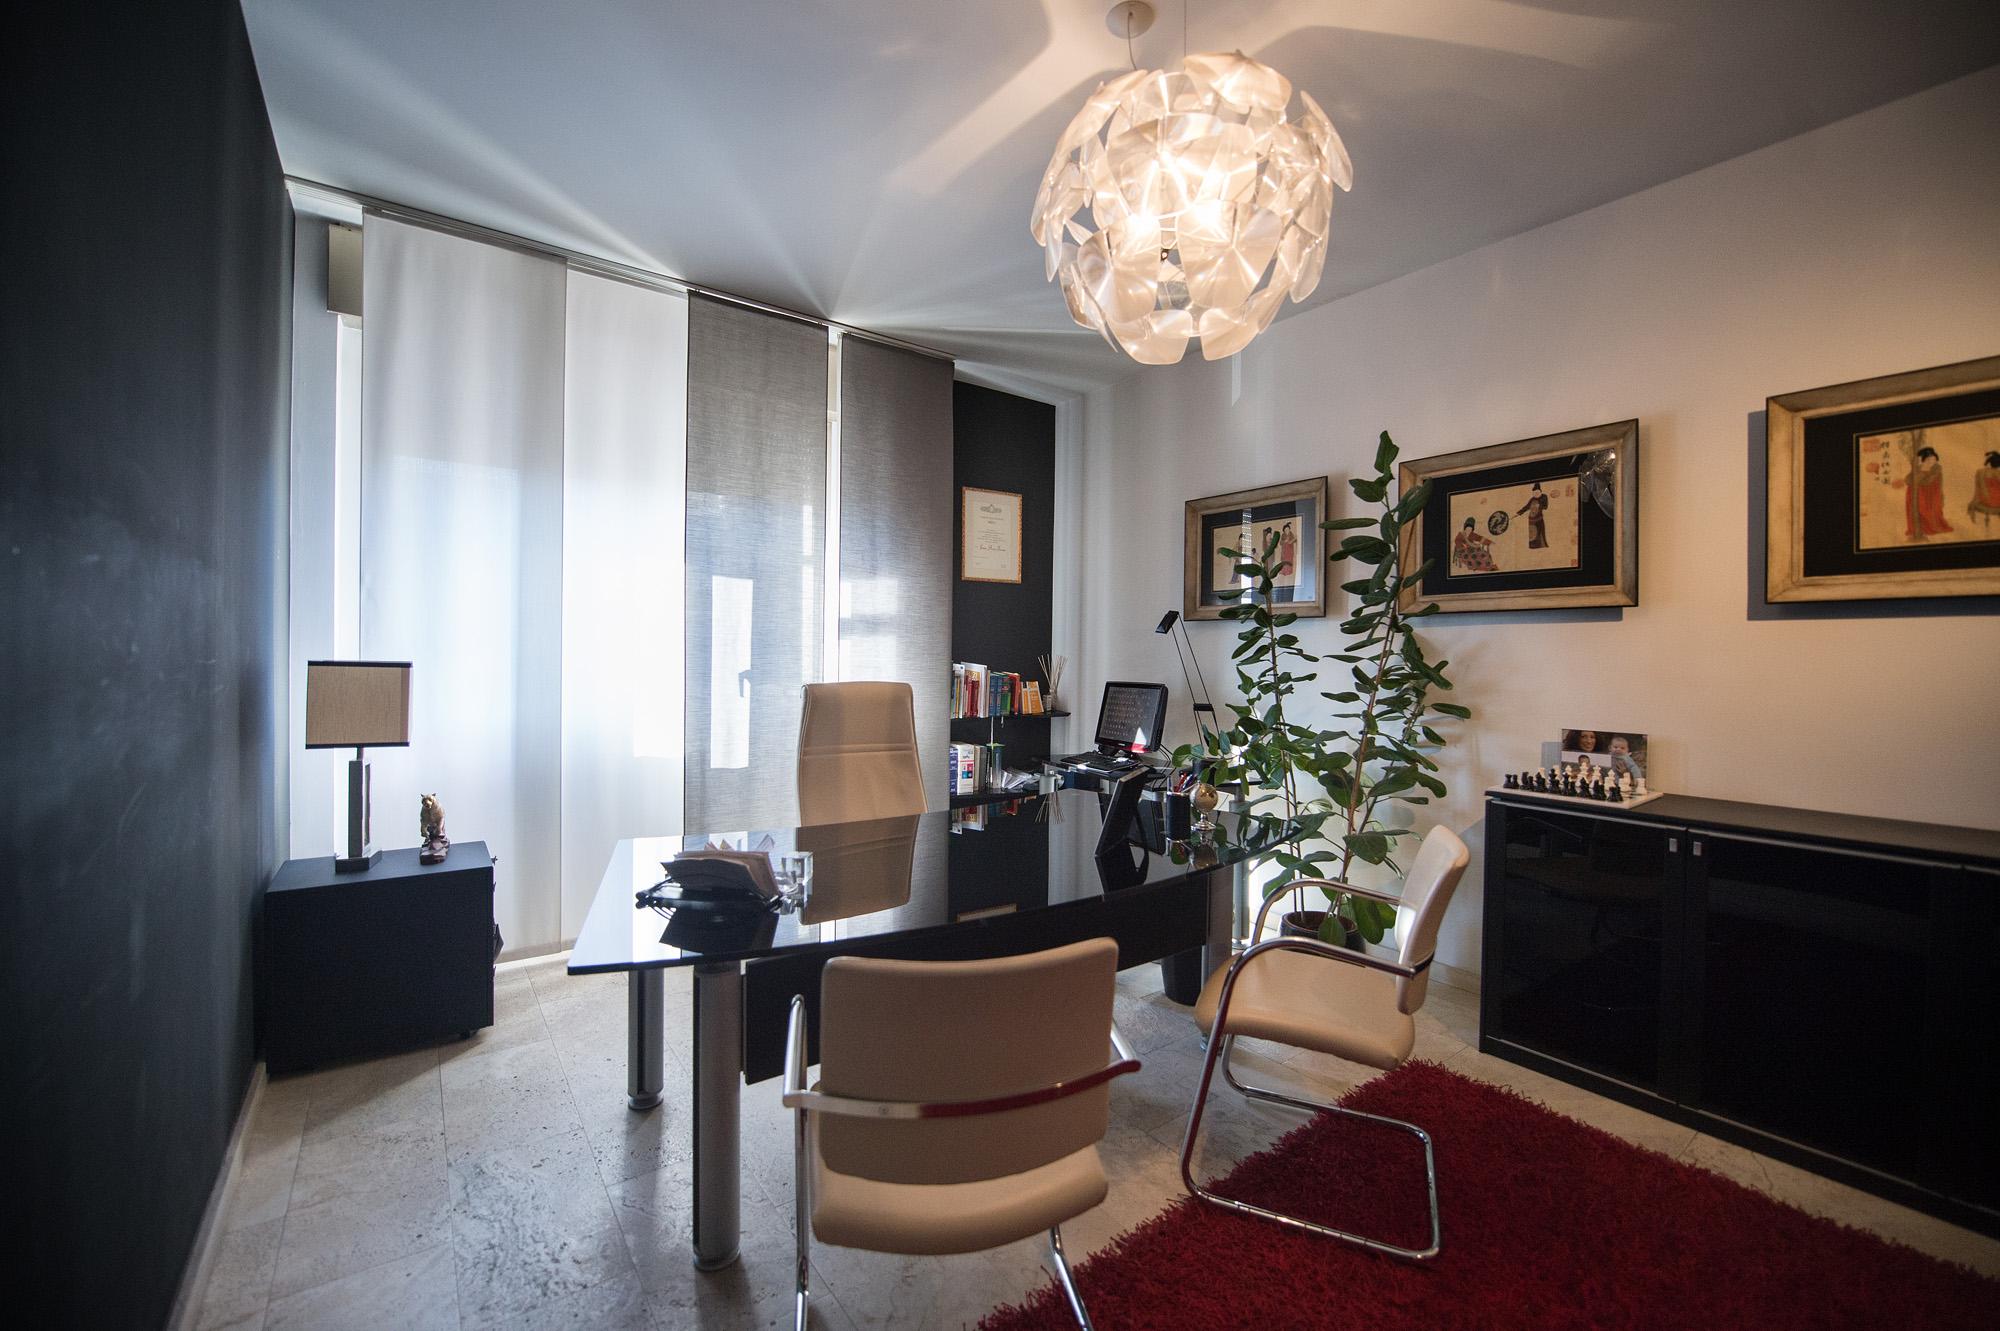 Cristallo hit mobili arredamenti per uffici prato toscana for Arredamento da studio